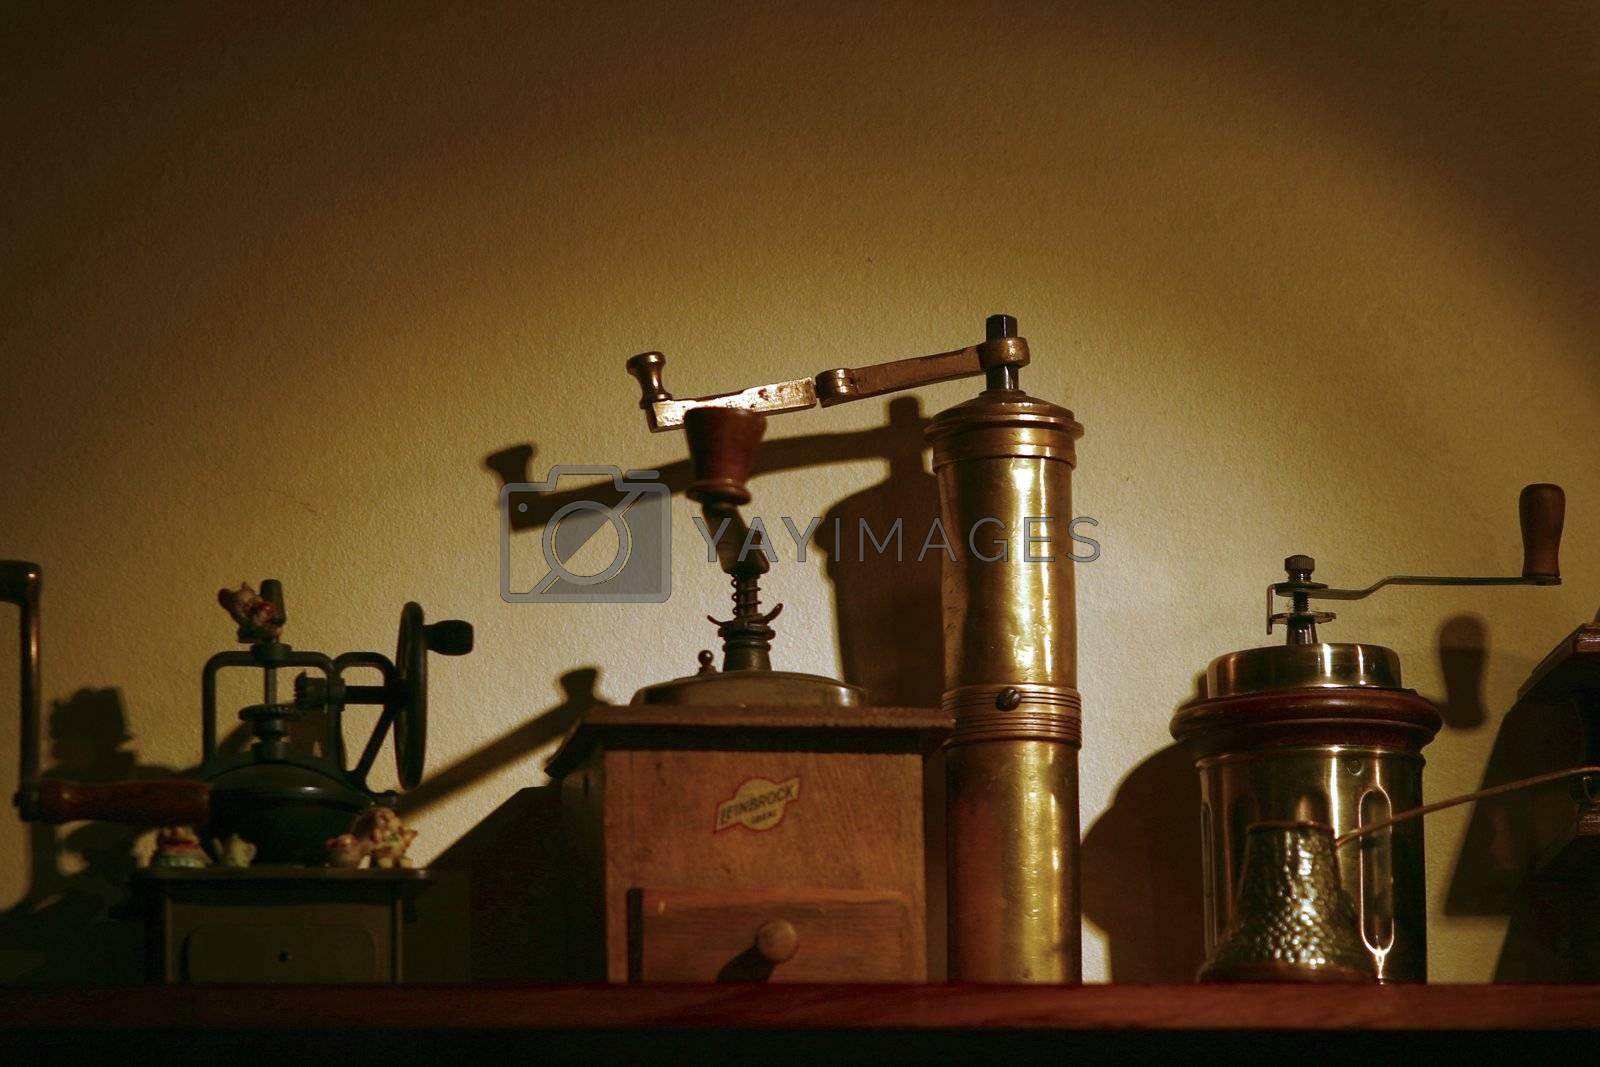 Old coffe grinder